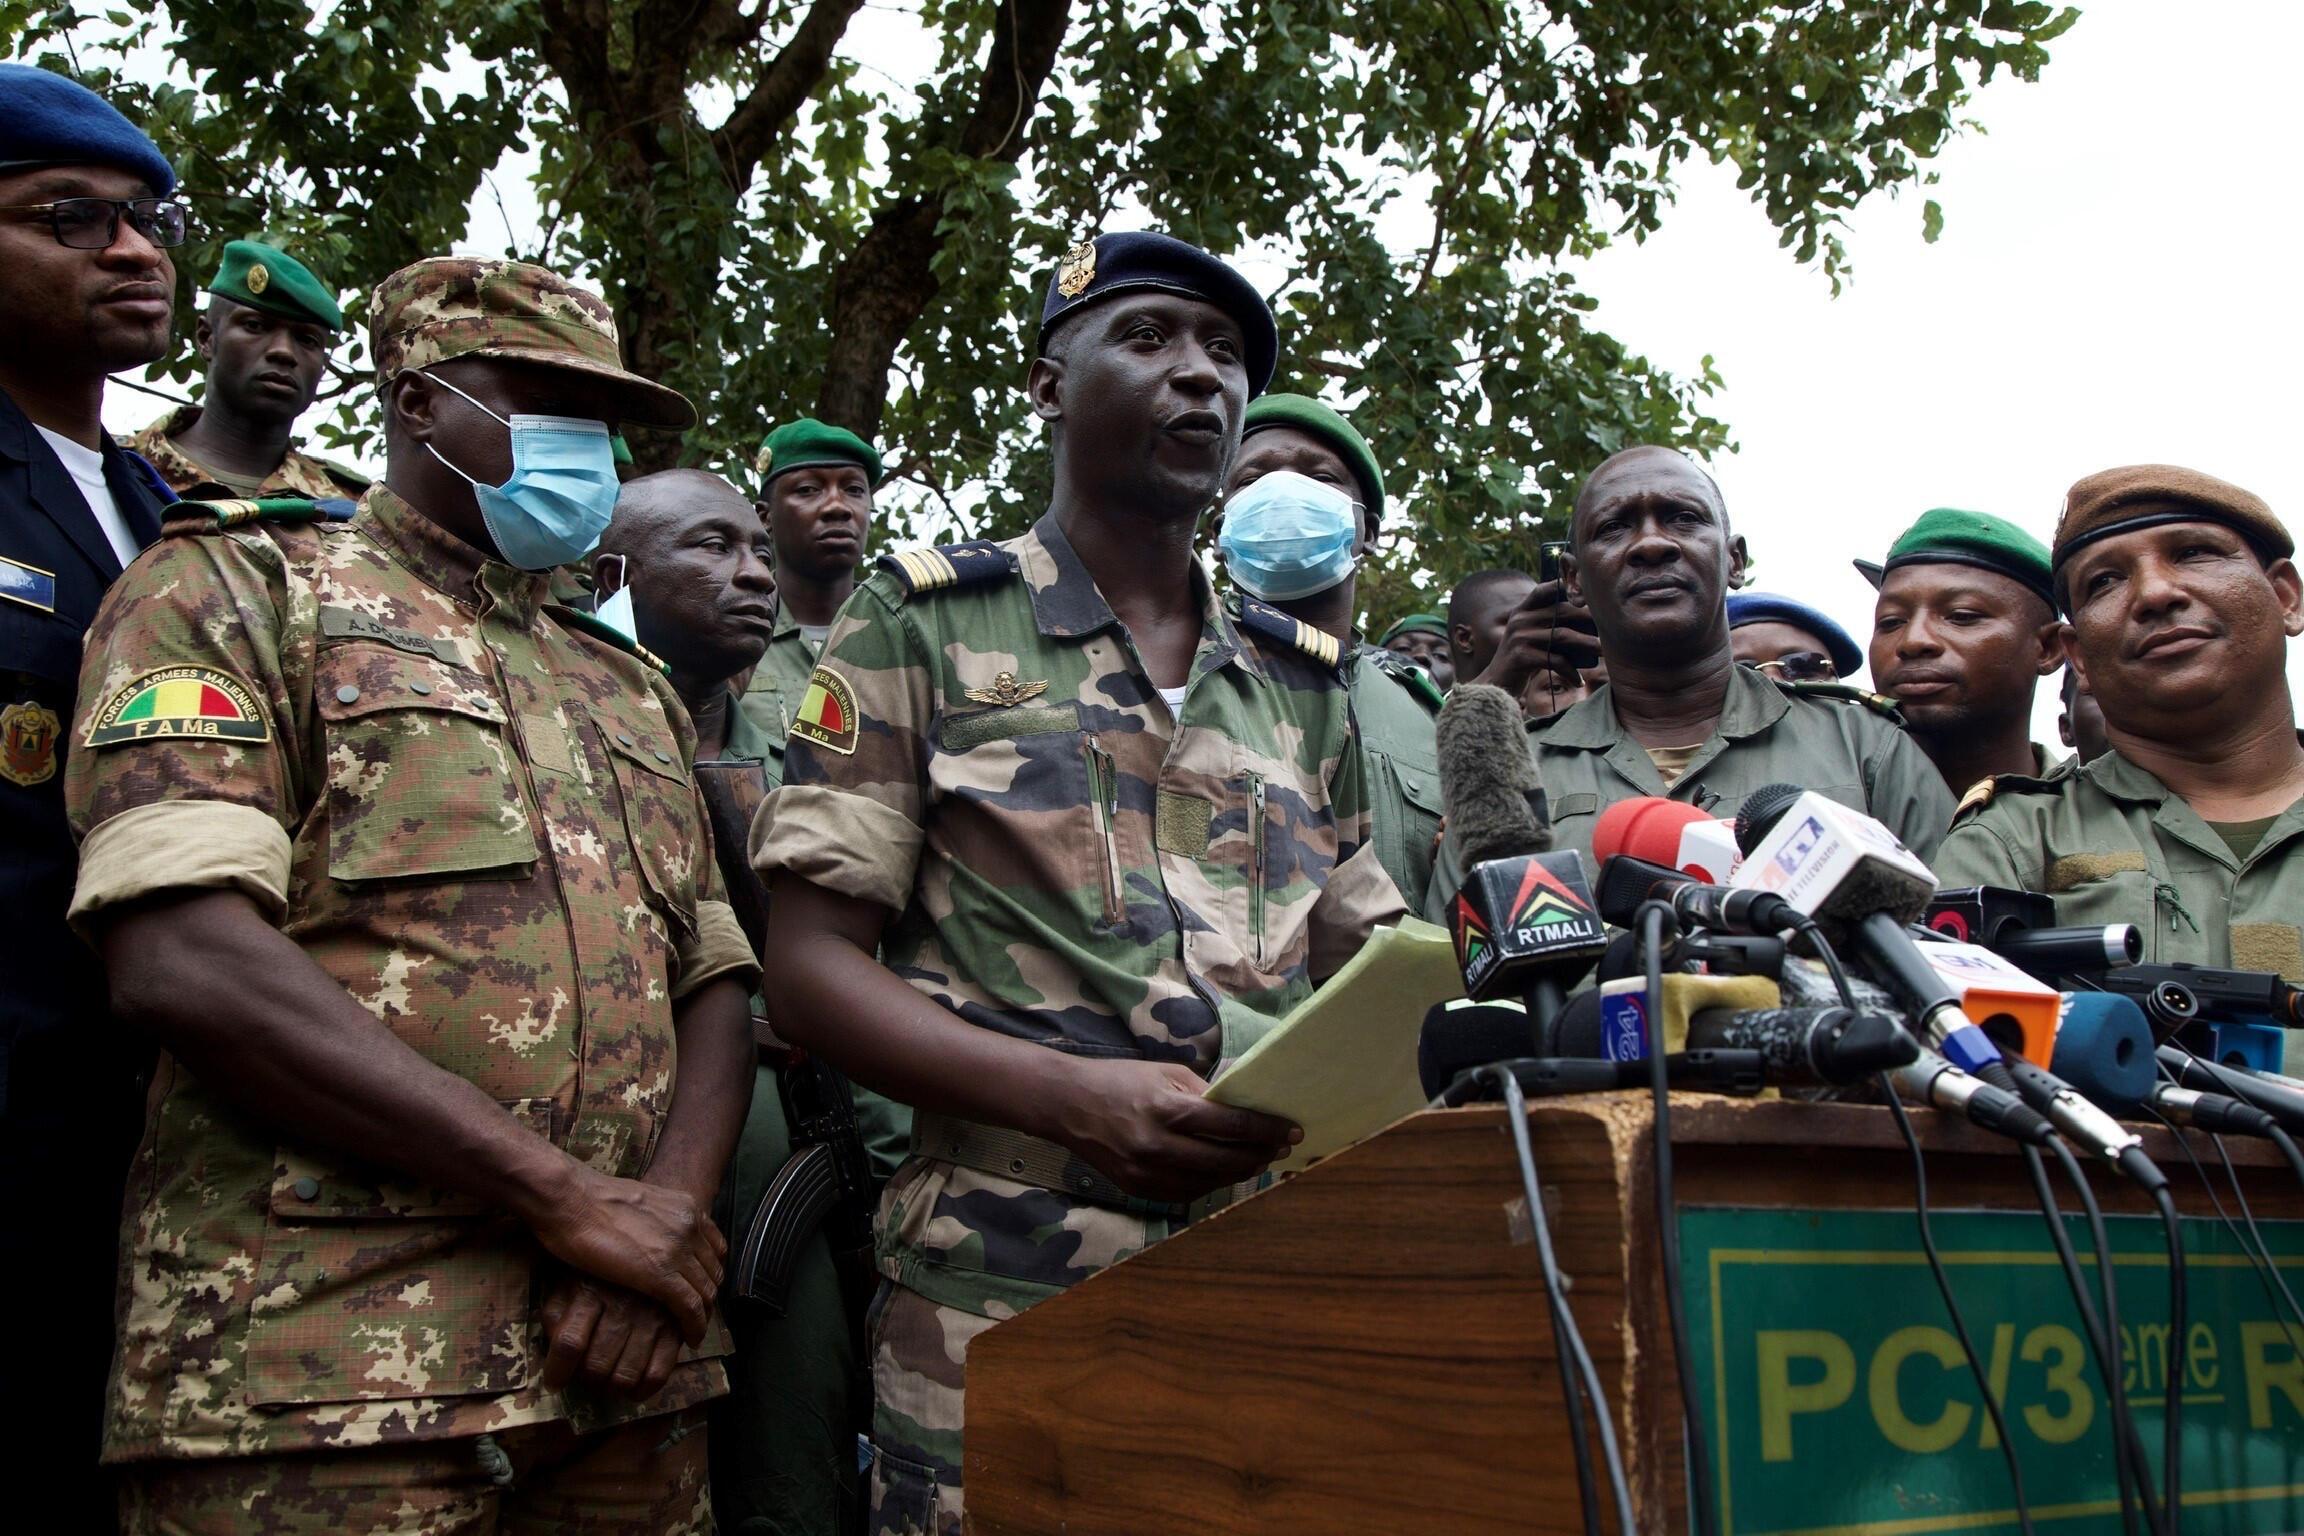 Le chef d'état-major adjoint de l'armée de l'air malienne, Ismaël Wagué, s'exprime lors d'une conférence de presse à Kati, au Mali, le 19 août 2020.